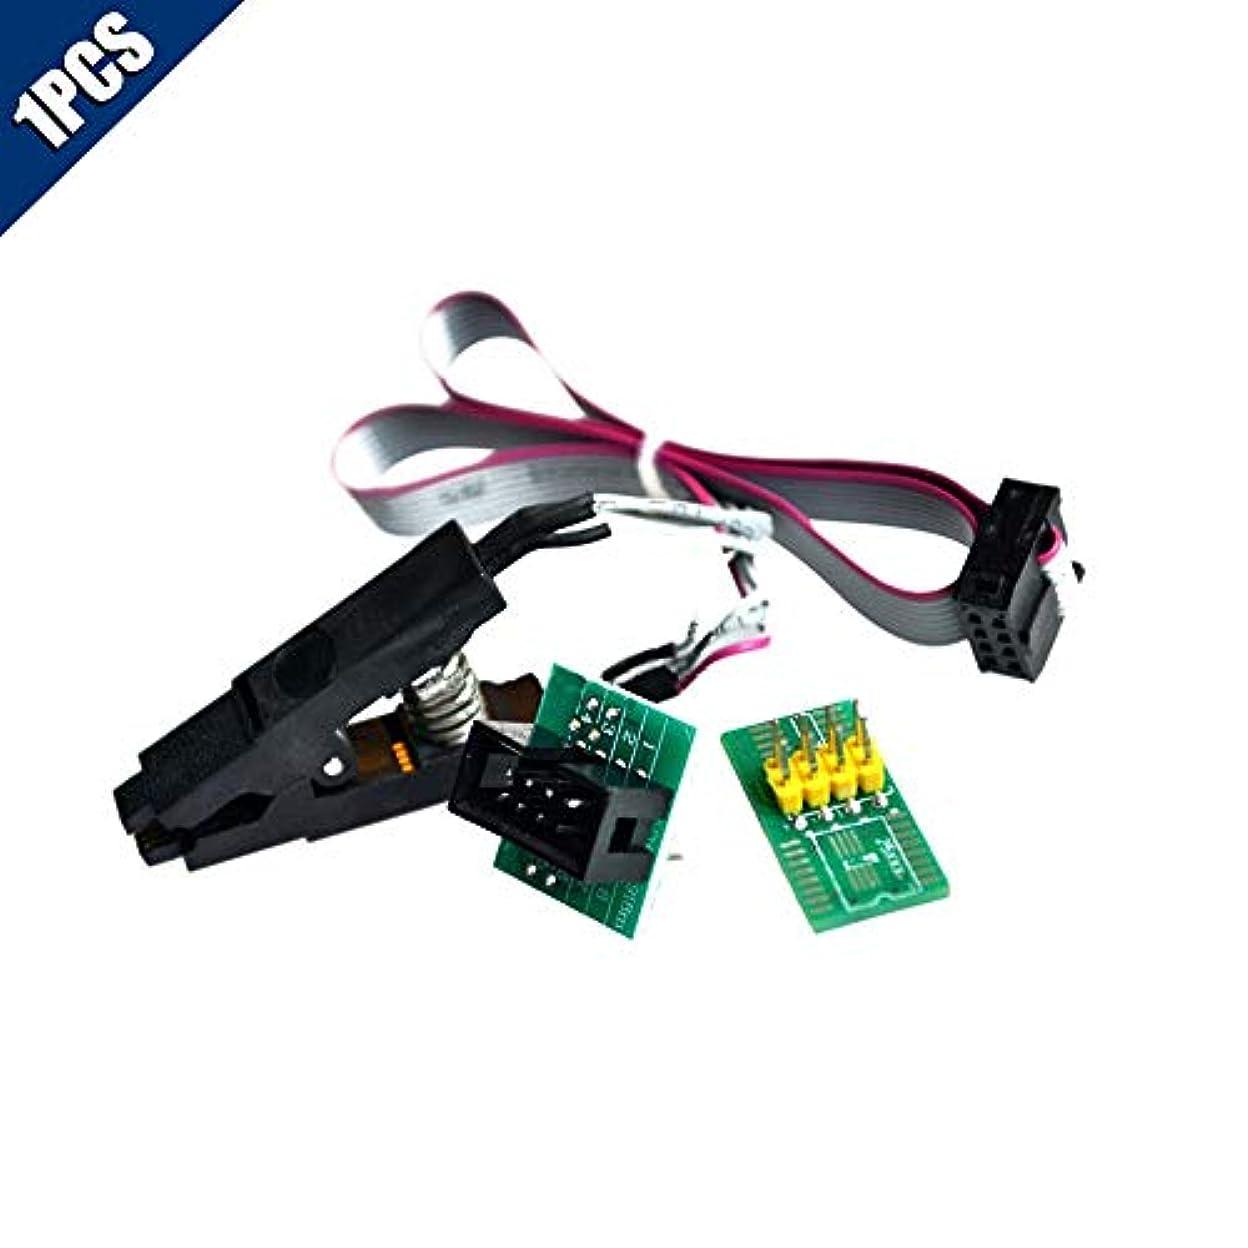 二層レース地味なComidox 1PCS SOIC8 SOP8 8ピン フラッシュチップ ICテストクリップ ソケットアダプター BIOS/24/25/93 プログラマーコンバーター